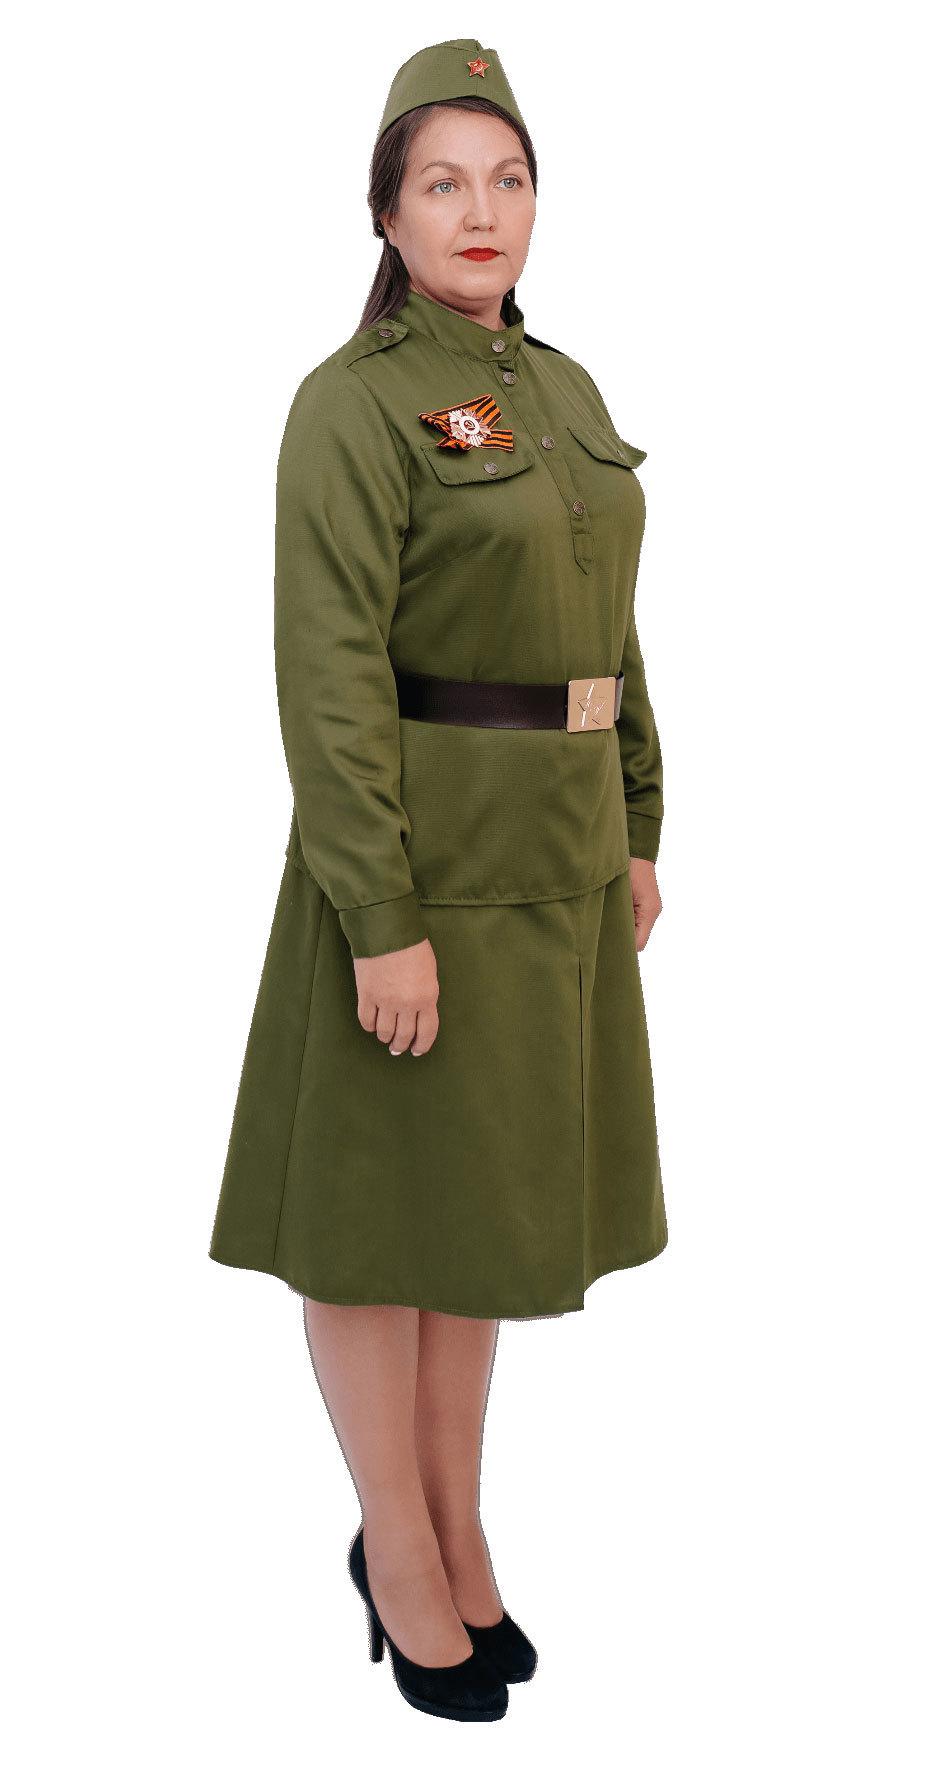 женская военная форма картинки для предлагают заняться